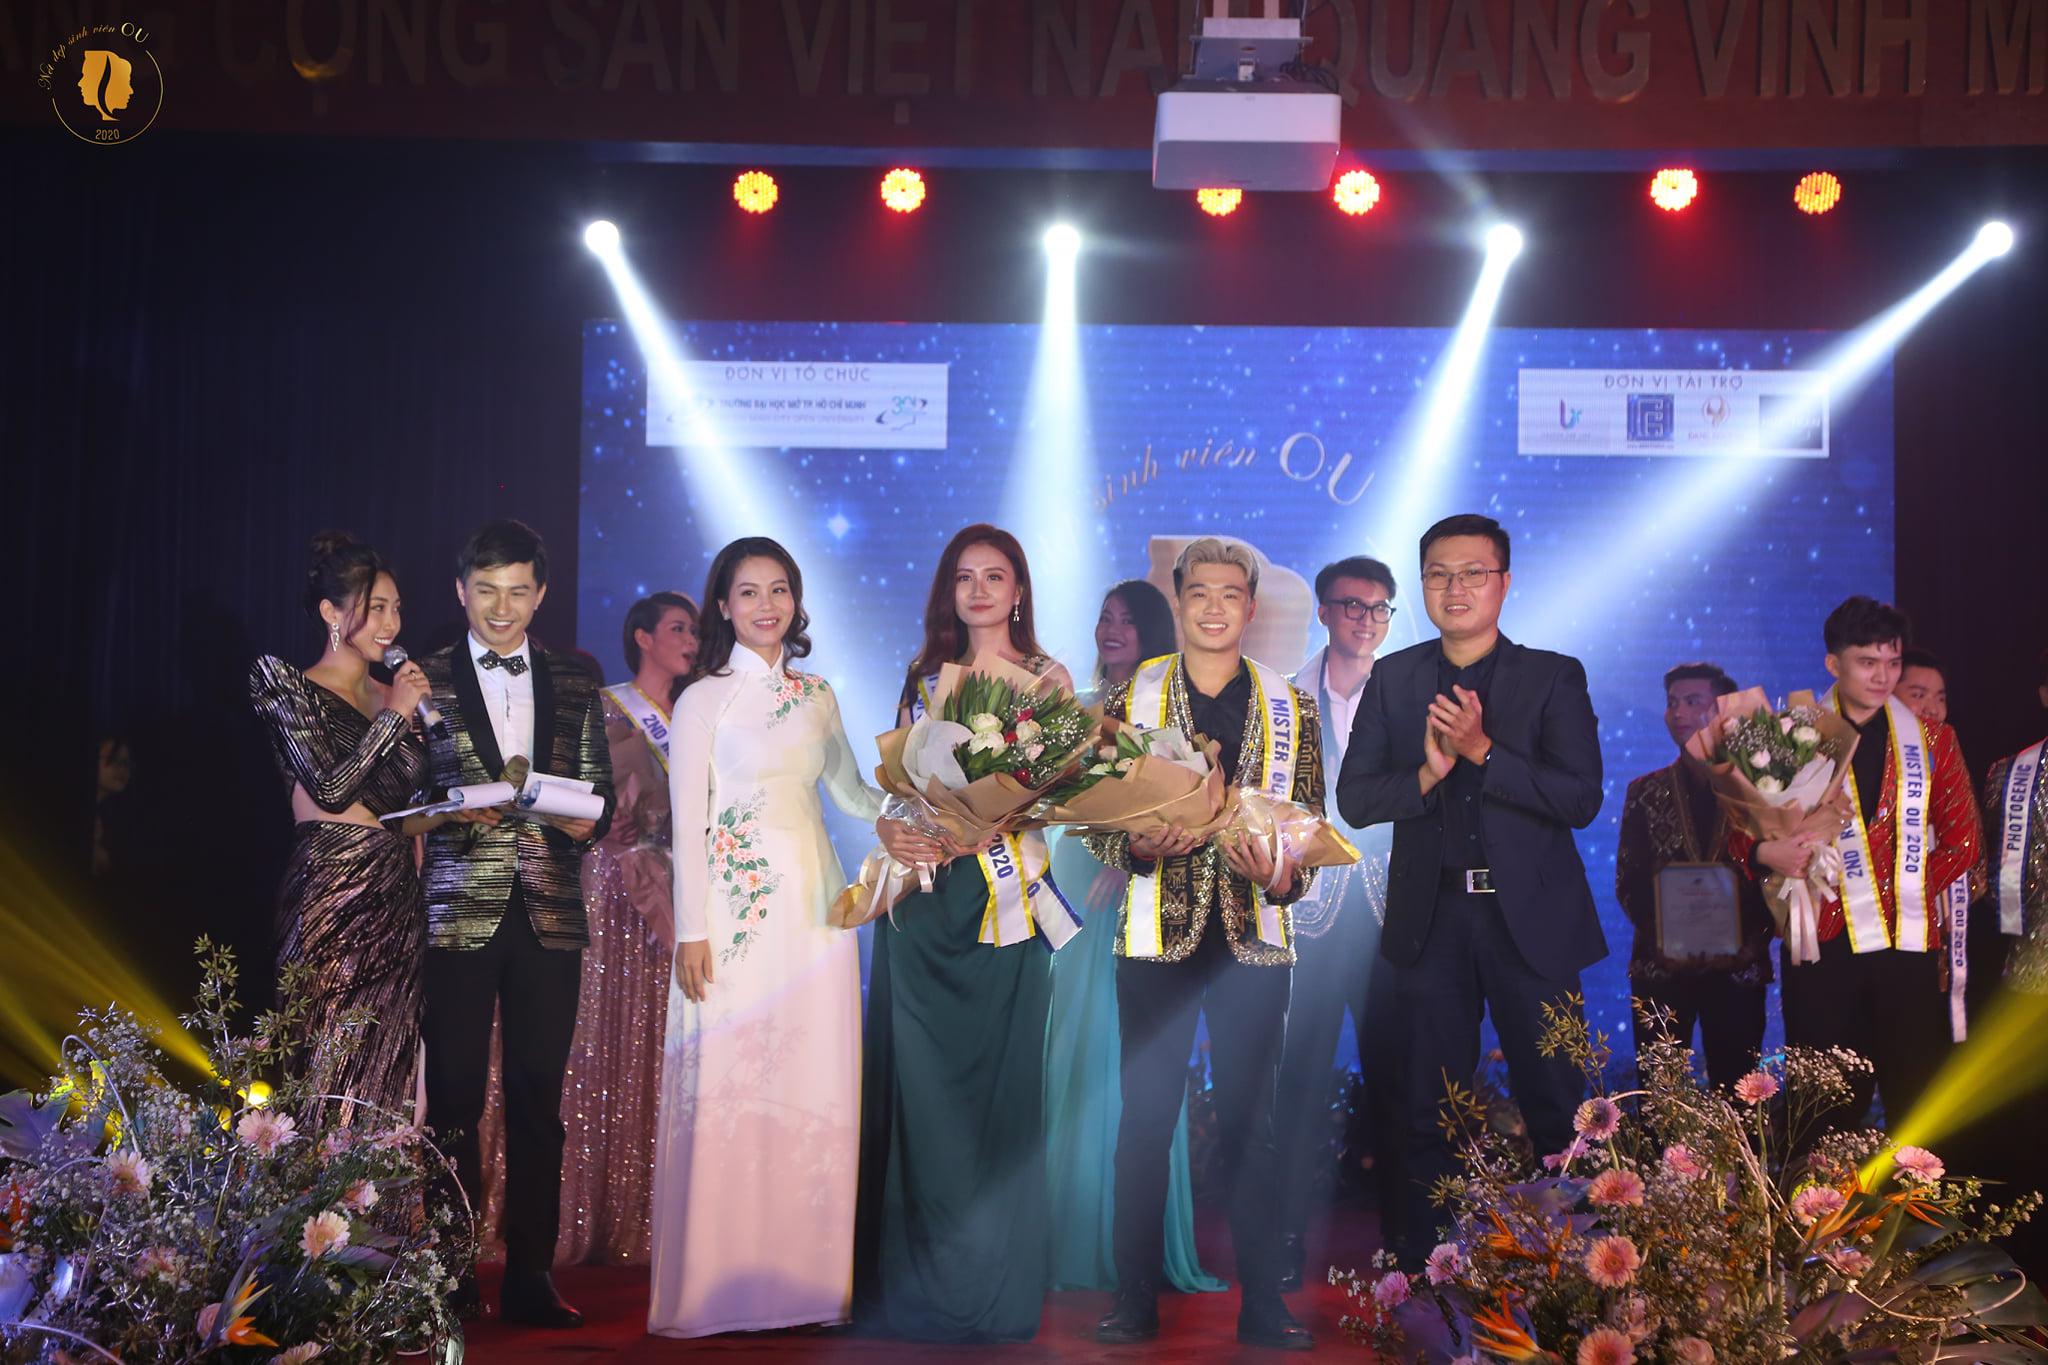 Á khôi 1 và Á vương 1 lần lượt được trao cho Phan Dương Hoàng Oanh và Nguyễn Hoàng Thông.